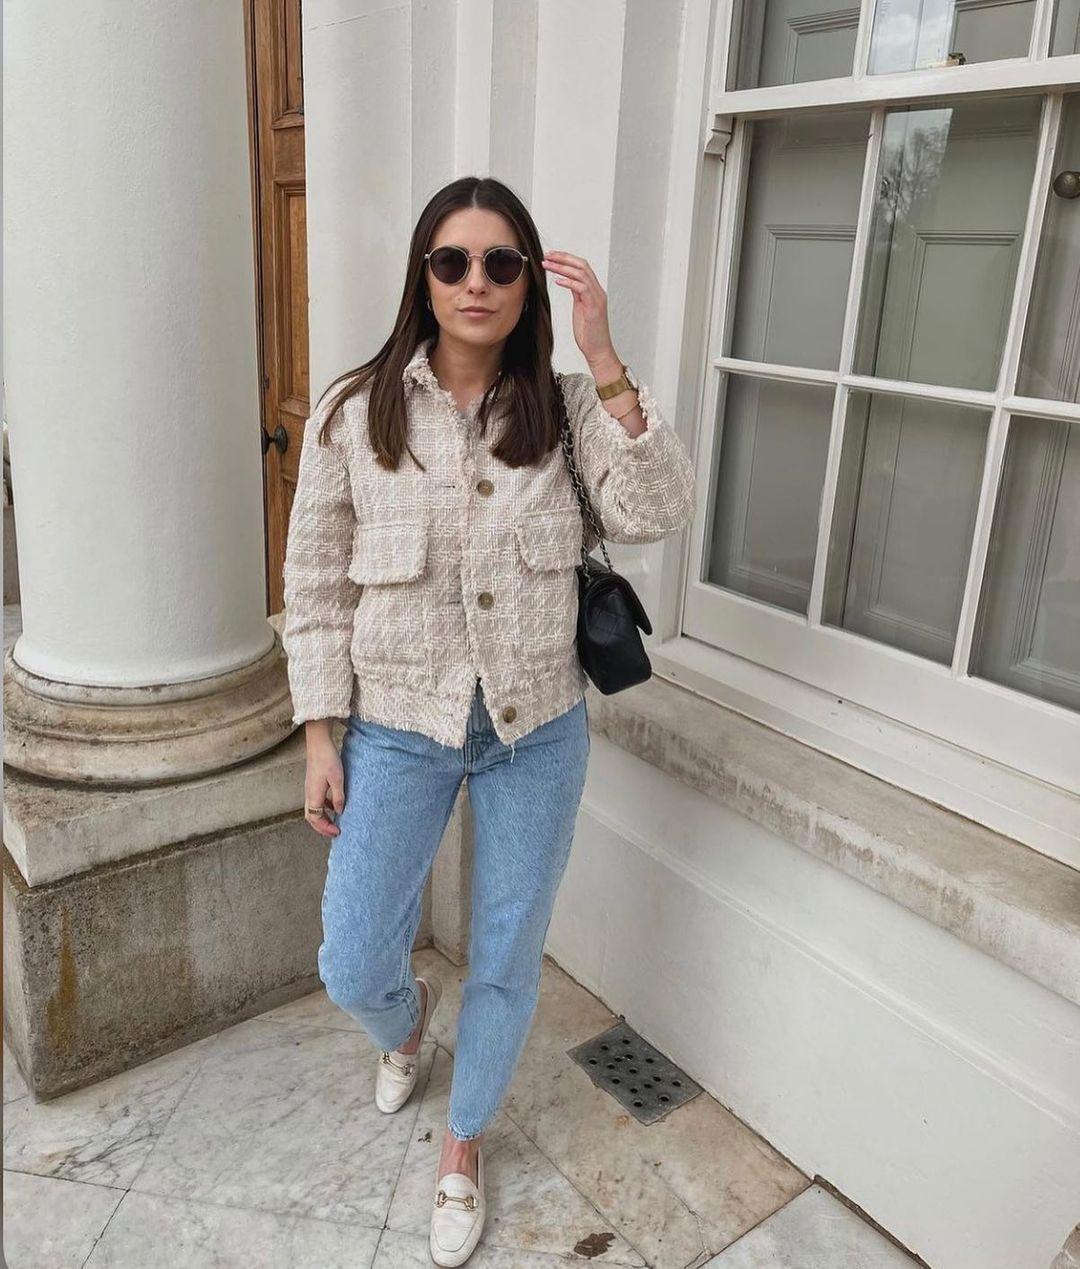 textured-weave jacket de H&M sur hm.addicted